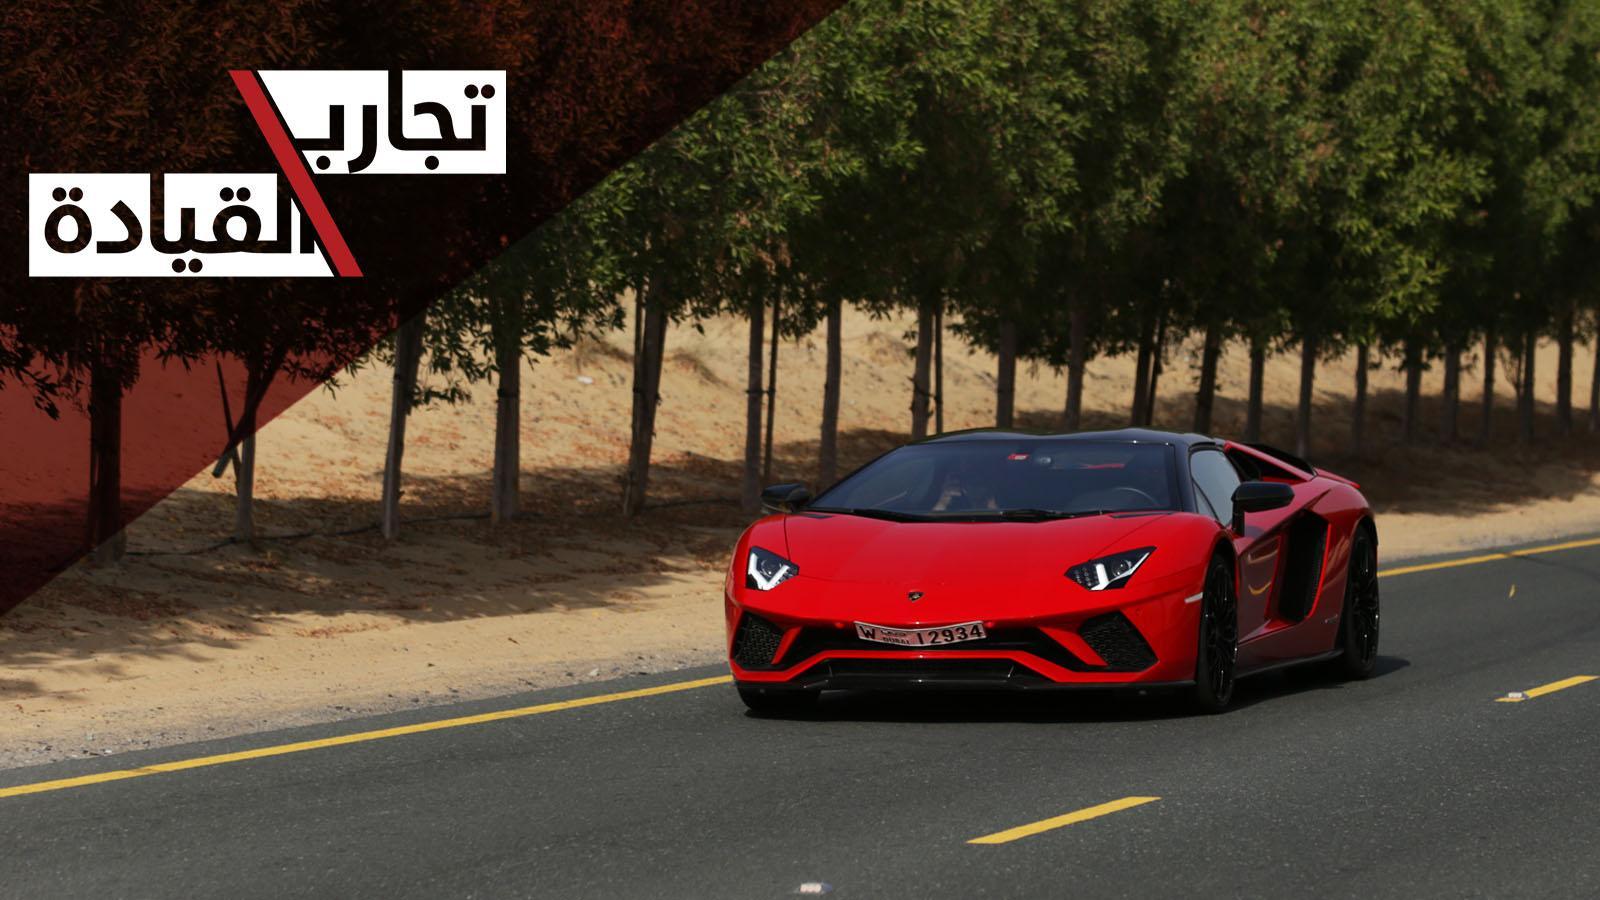 فيديو: ترويض ثور افنتادور اس رودستر الجديدة في دبي